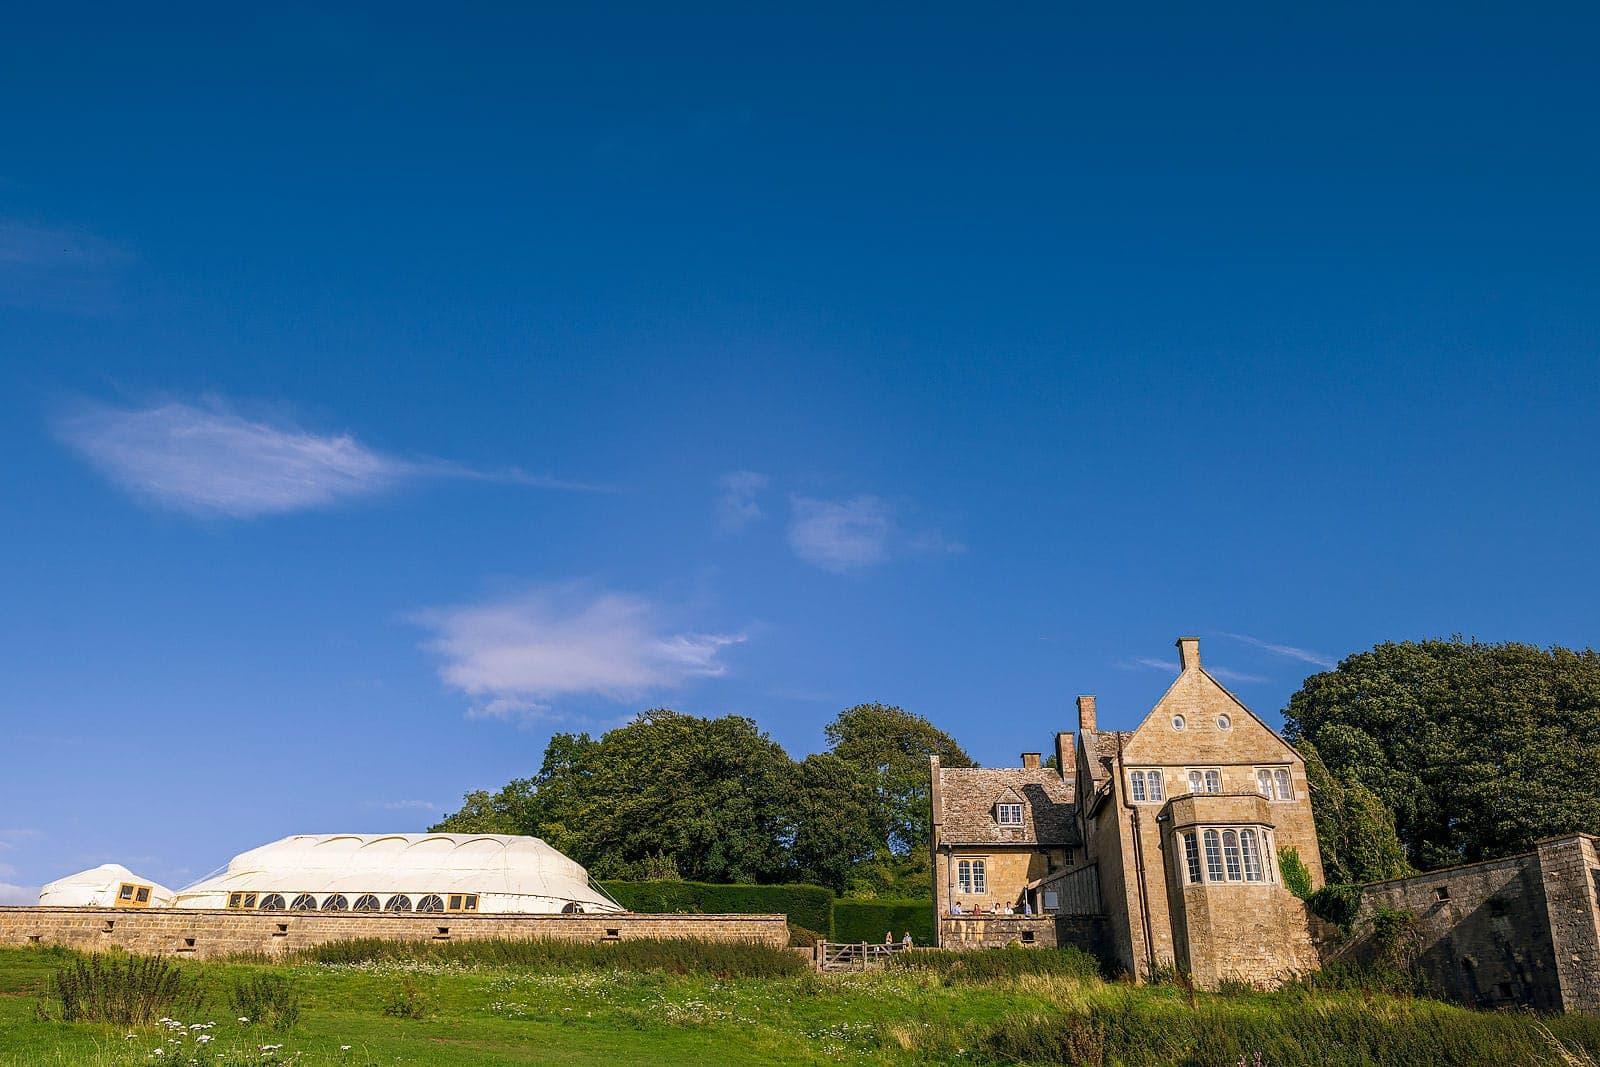 Hilles House Cotswolds wedding venues